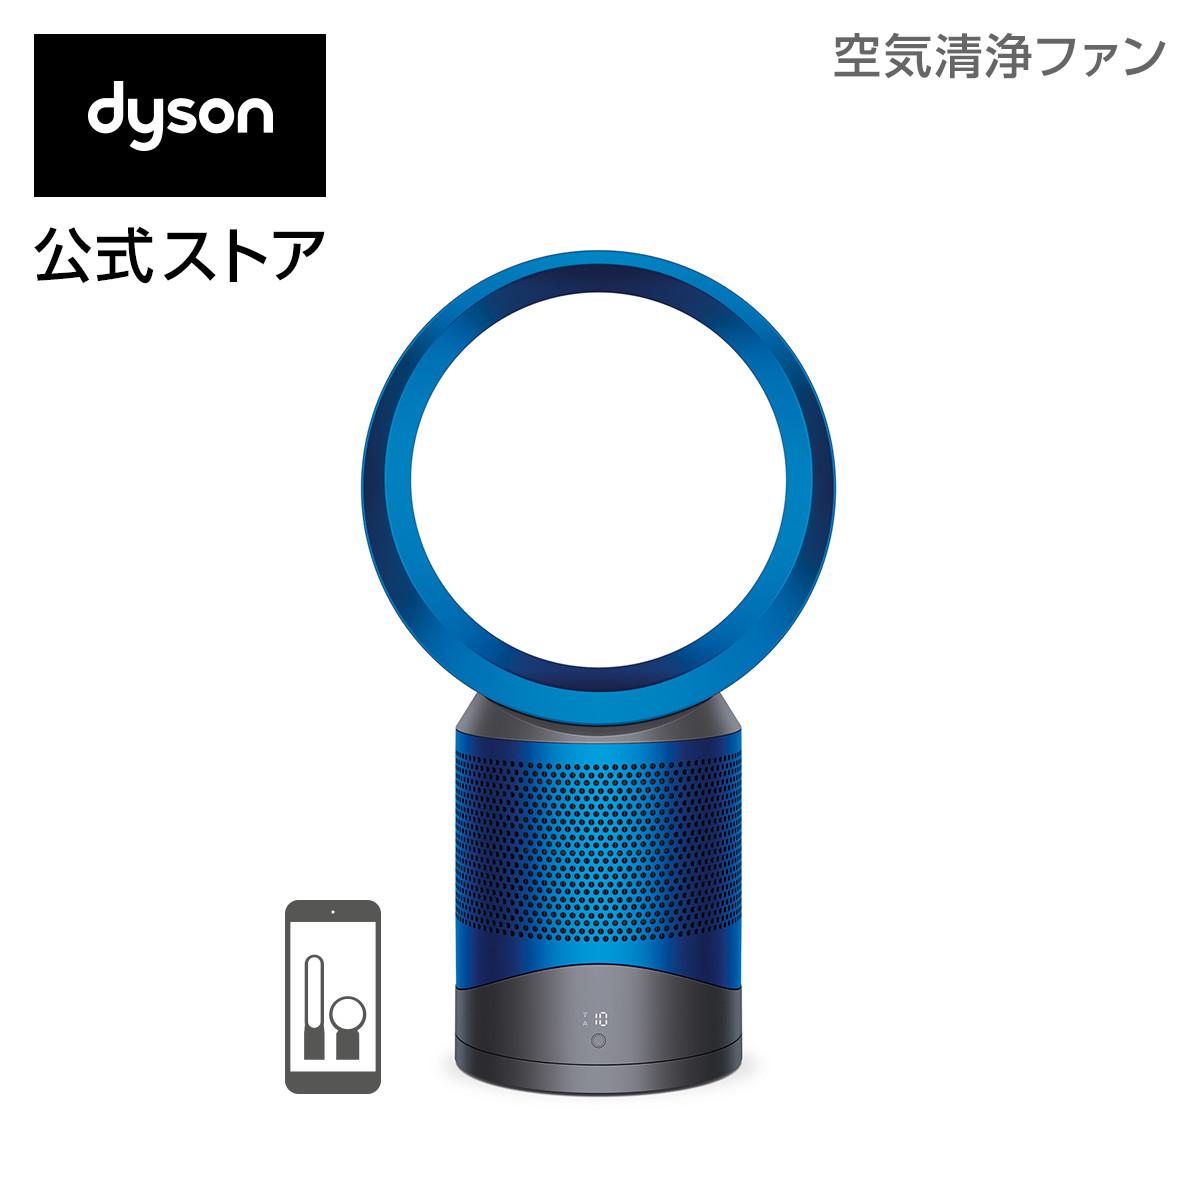 ダイソン Dyson Pure Cool IB Link DP01 Dyson Pure IB 空気清浄機能付テーブルファン 扇風機 アイアン/ブルー【新品/メーカー2年保証】, タイ雑貨の店 ナルキ:7b443cec --- sunward.msk.ru